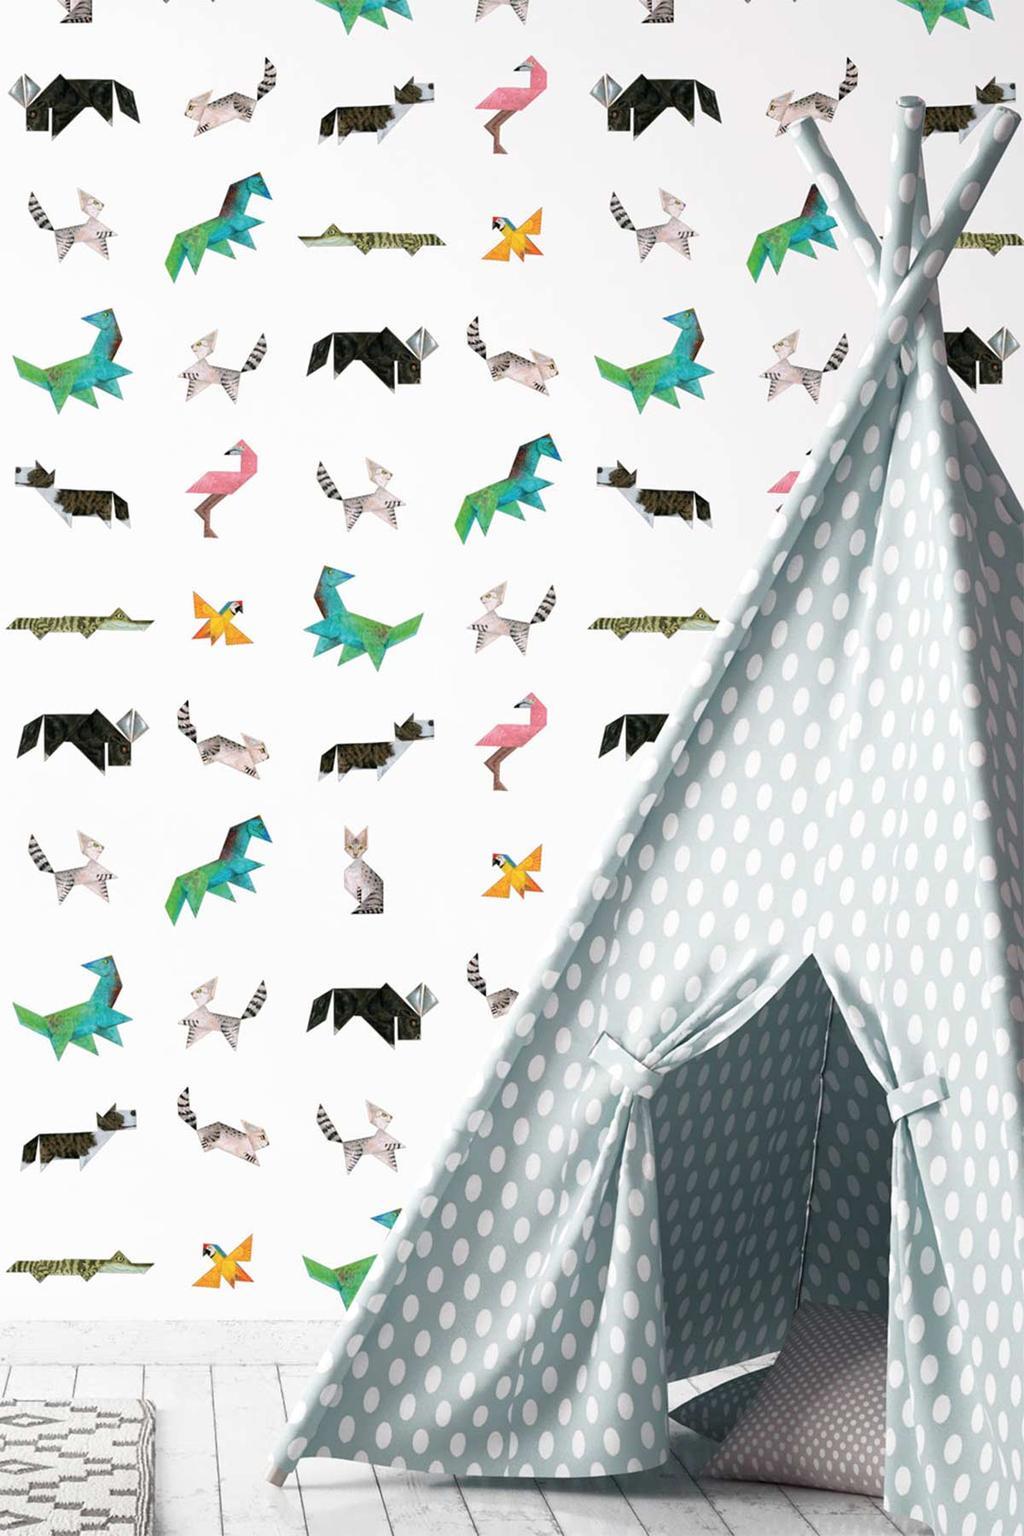 Pick of the week: tangram dierenbehang van KEK Amsterdam